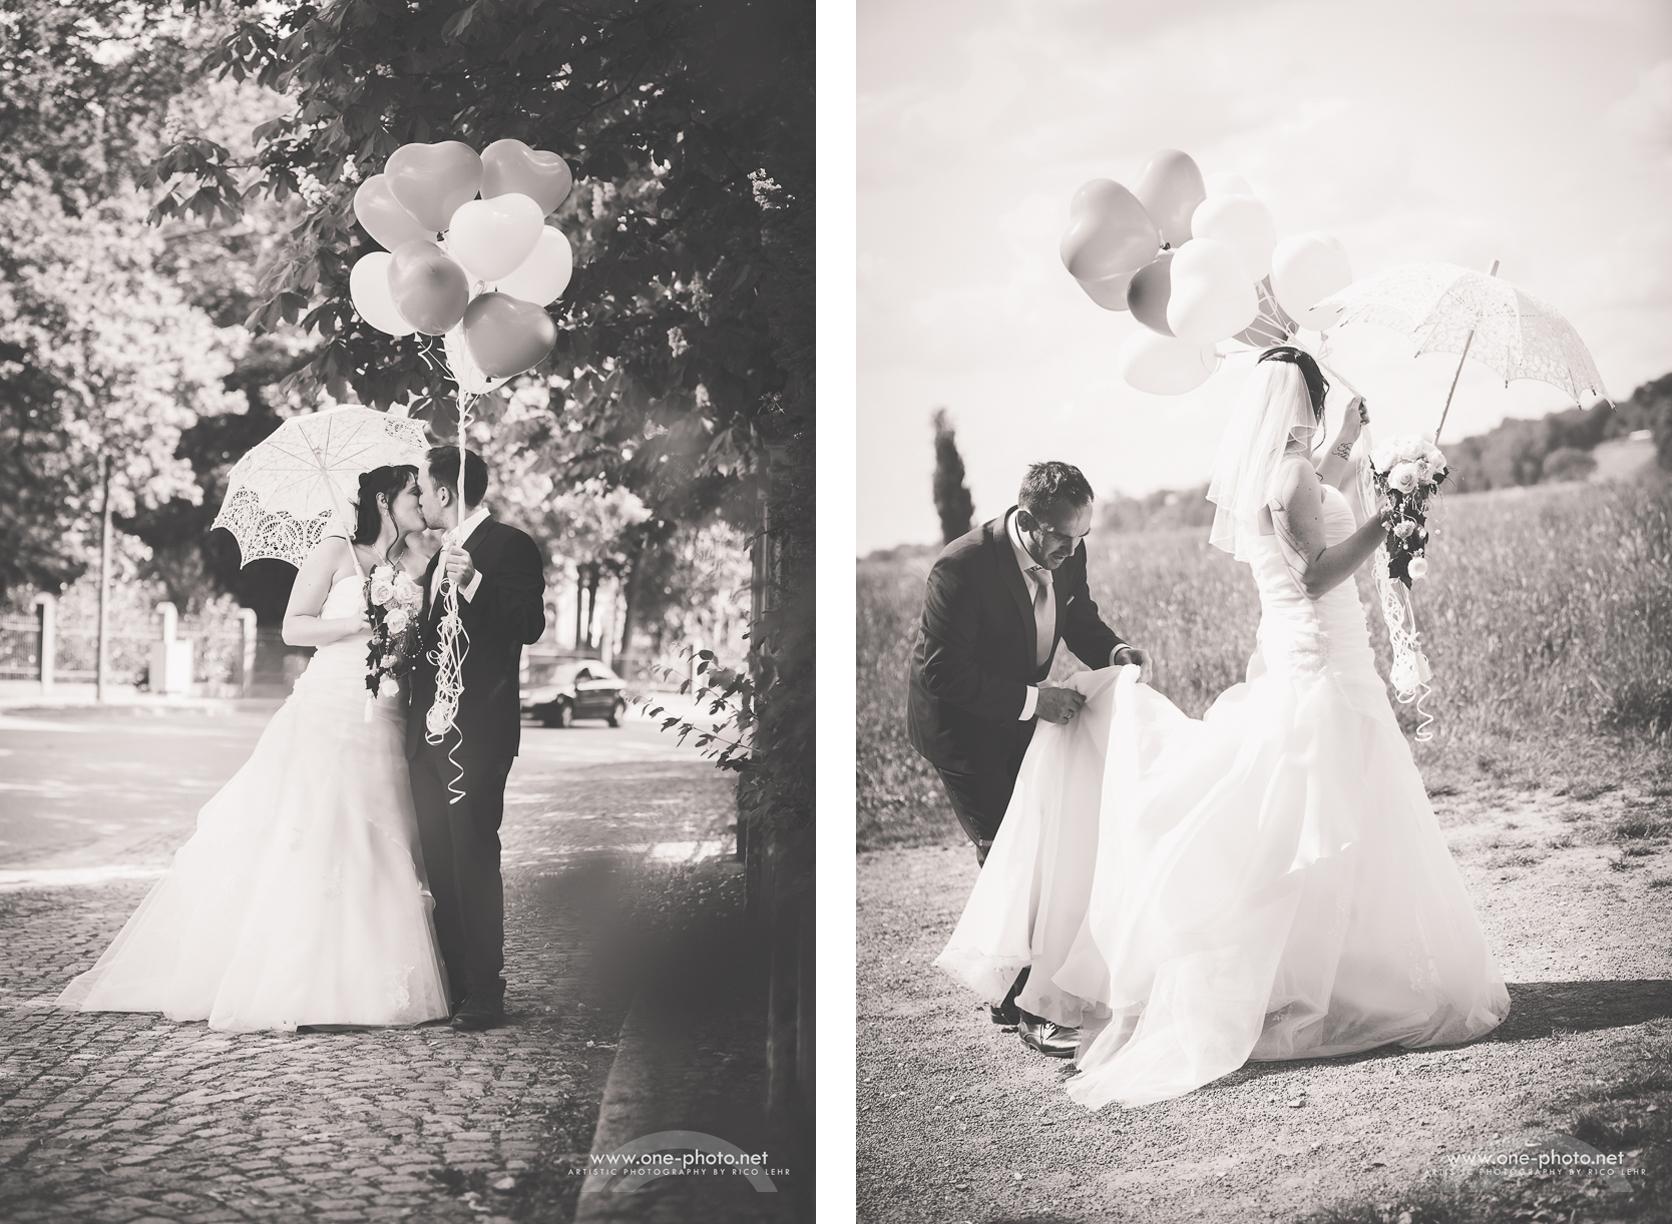 Hochzeit-Fotograf-Pirna-Dresden-Standesamt-Schillergarten-Rico-Lehr-one-photo-73-von-94-Rico Lehr-www.one-photo.net)